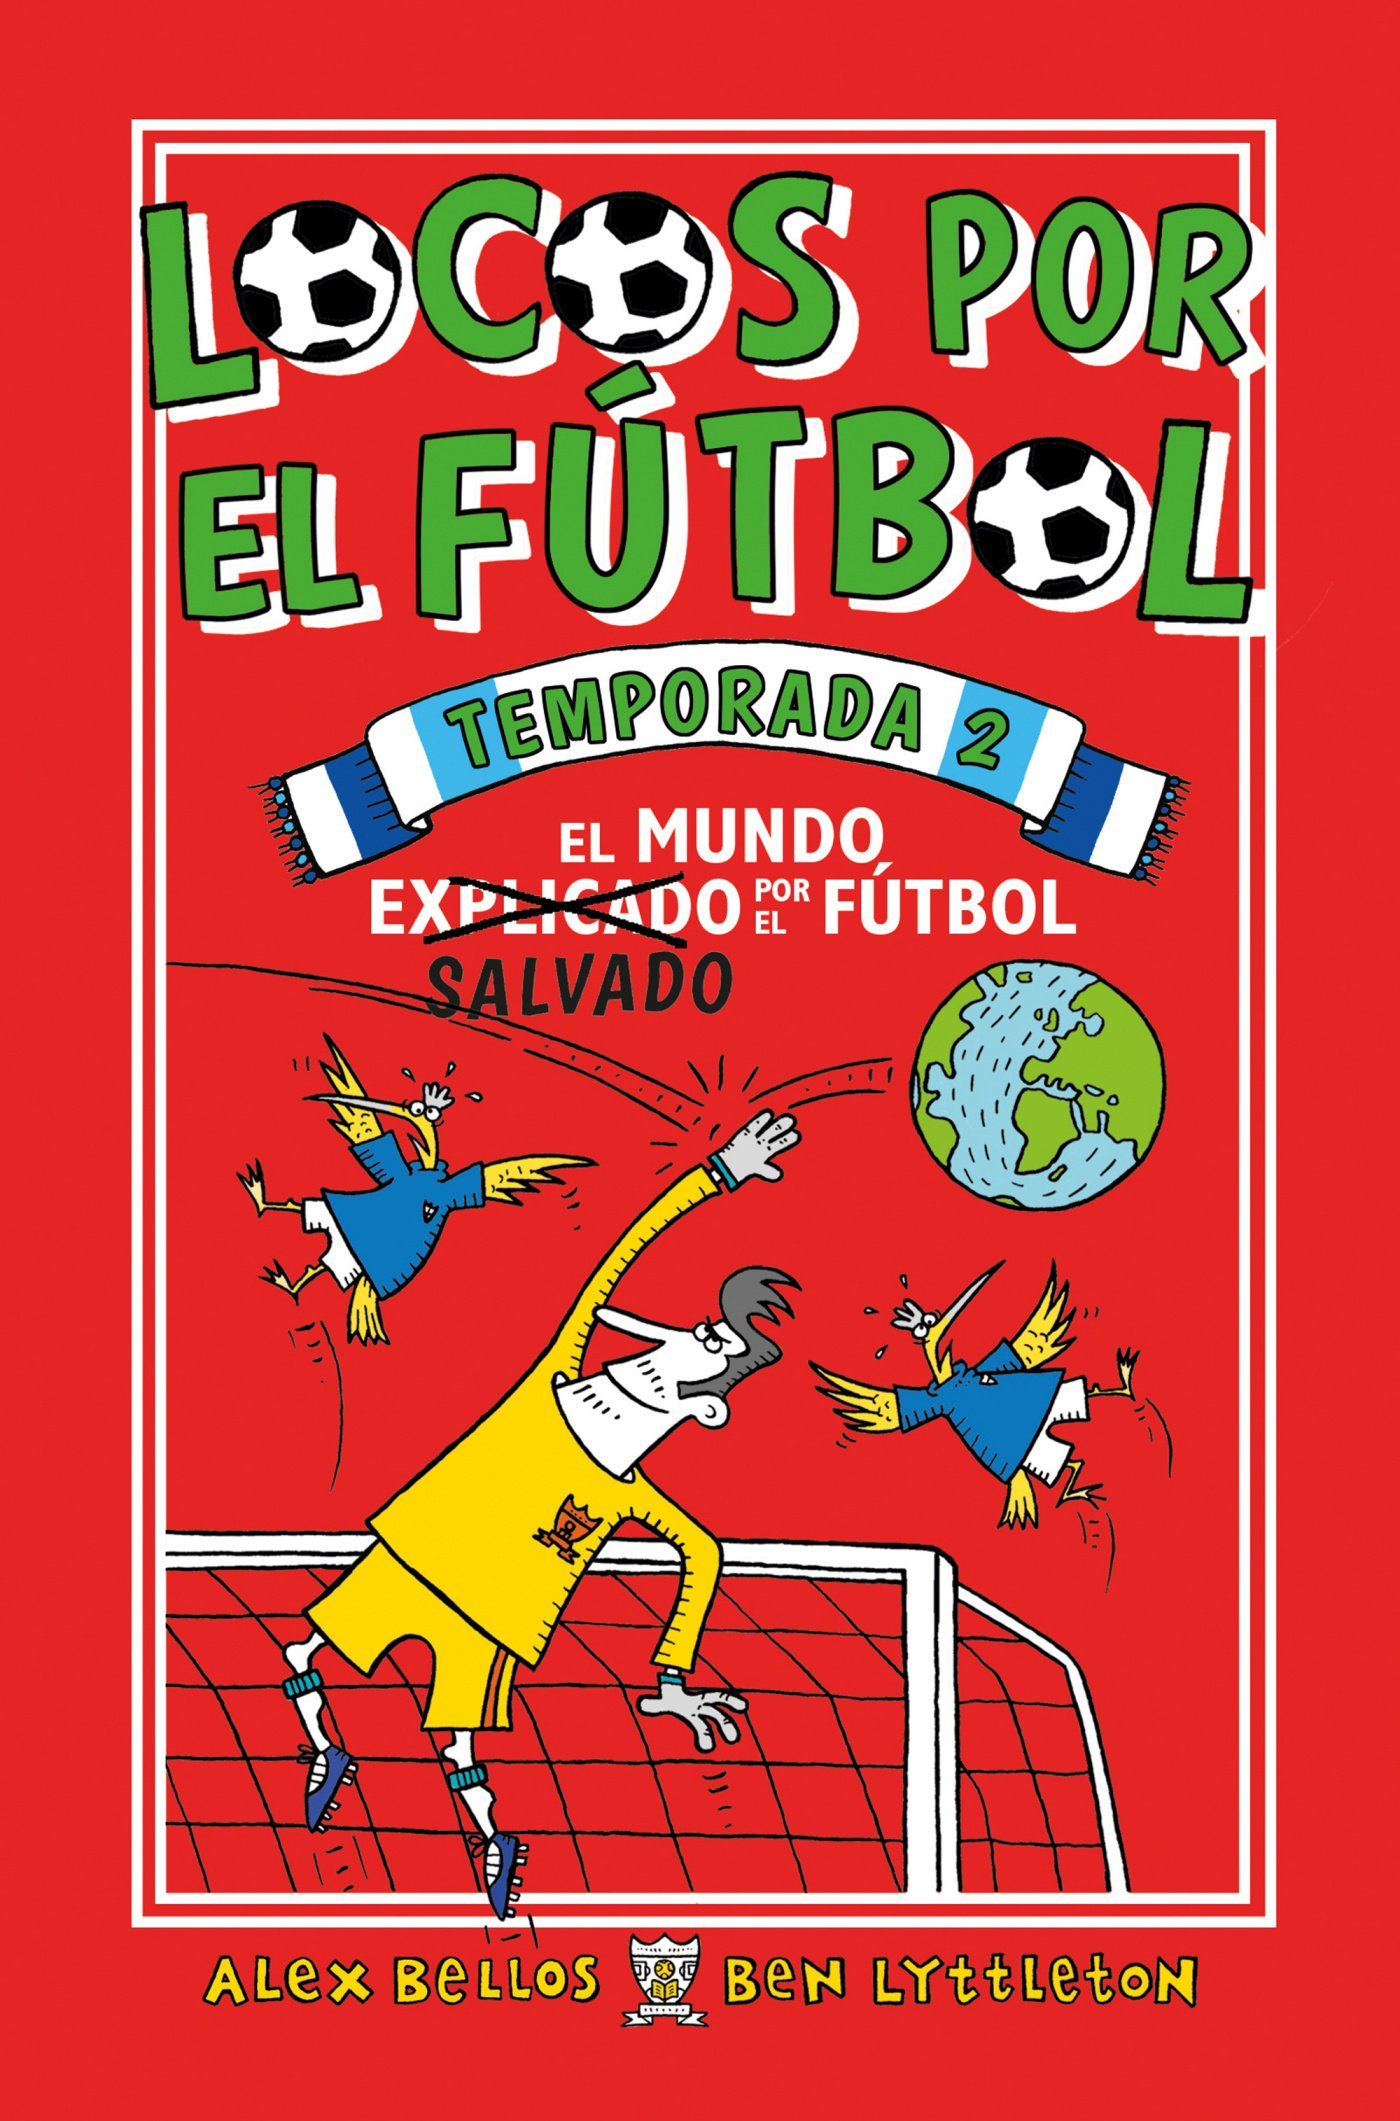 Locos por el fútbol. Temporada 2. El mundo salvado por el fútbol. Roca Juvenil: Amazon.es: Alex Bellos, Ben Lyttleton, Spike Gerrell, Carol Isern: Libros